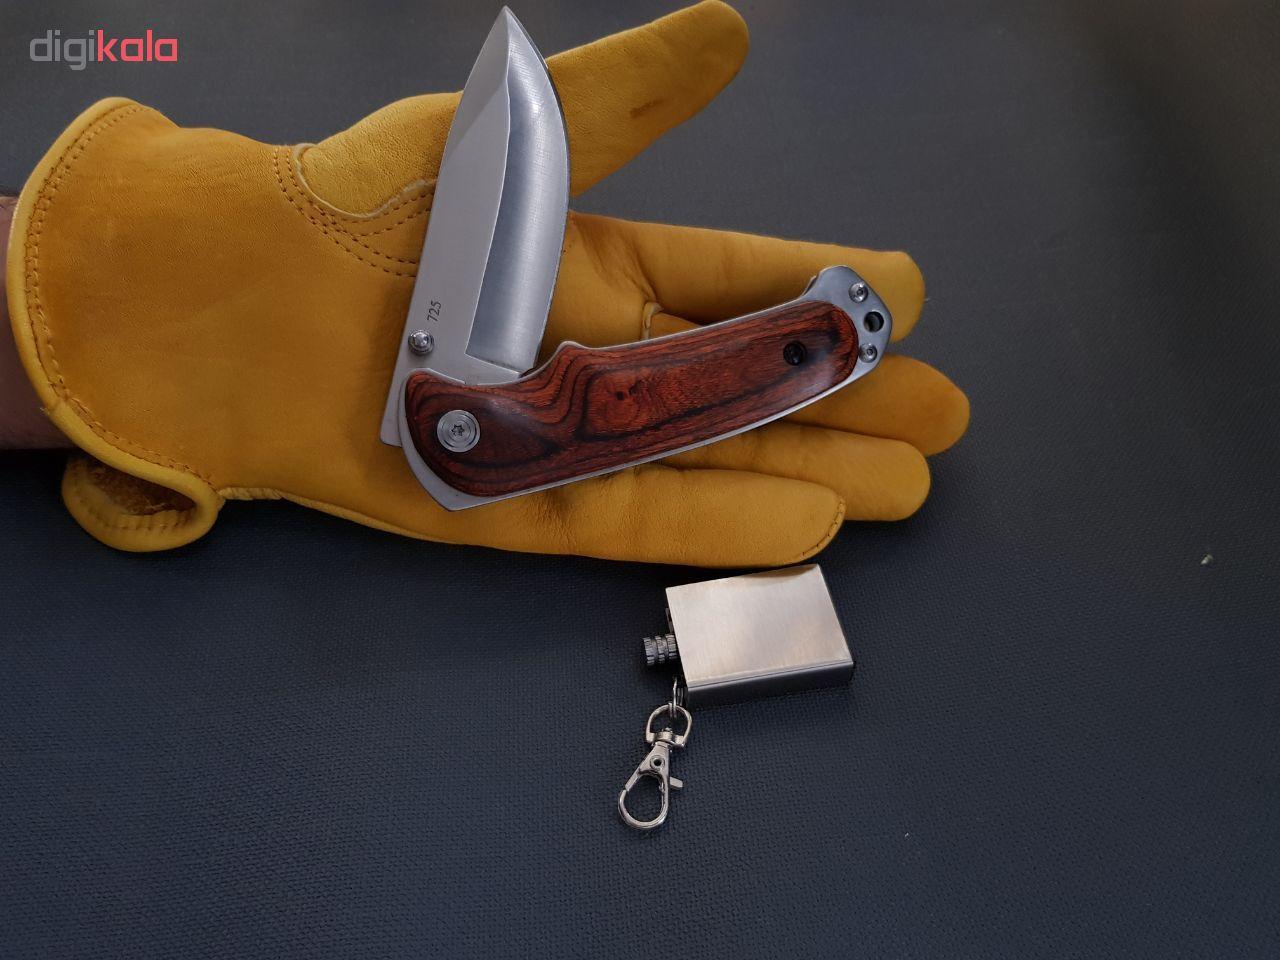 چاقوی سفری لانمارک کد 725